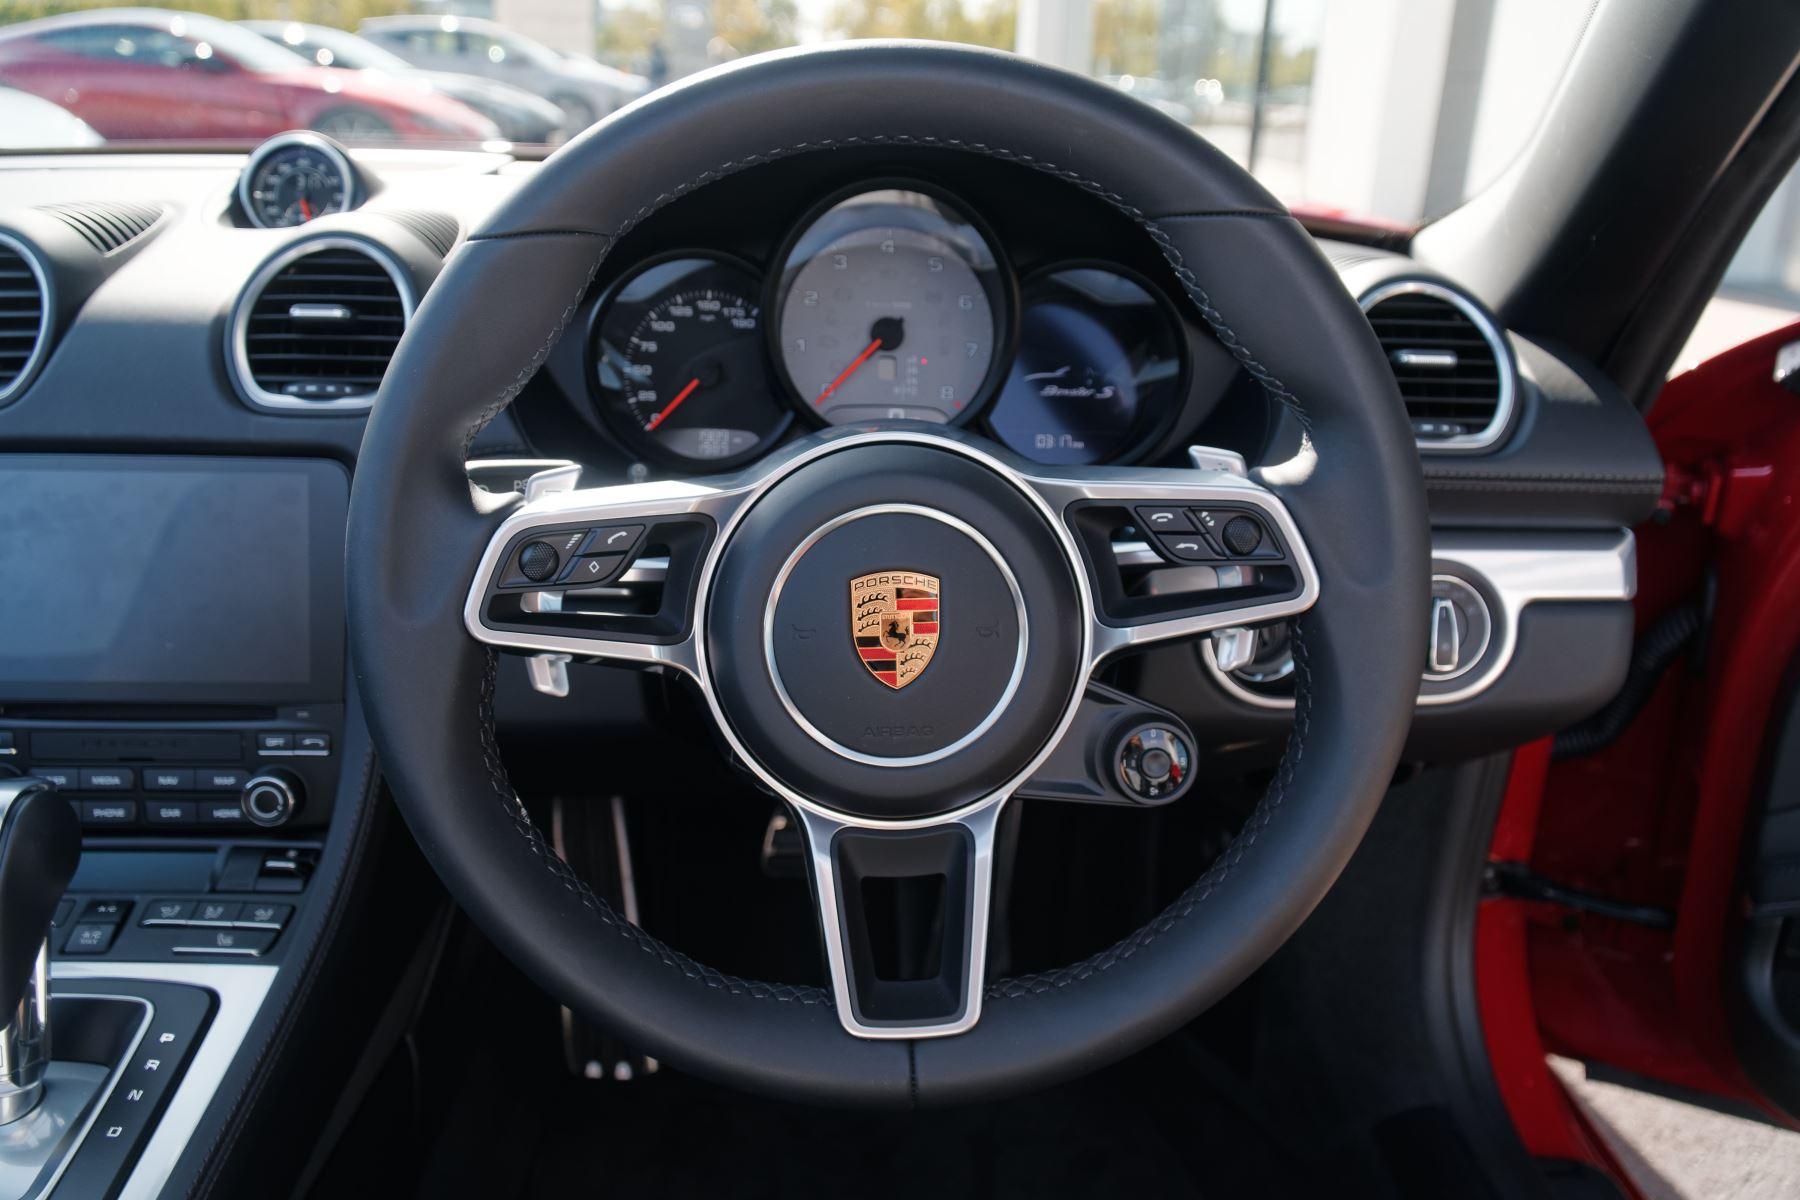 Porsche Boxster S image 21